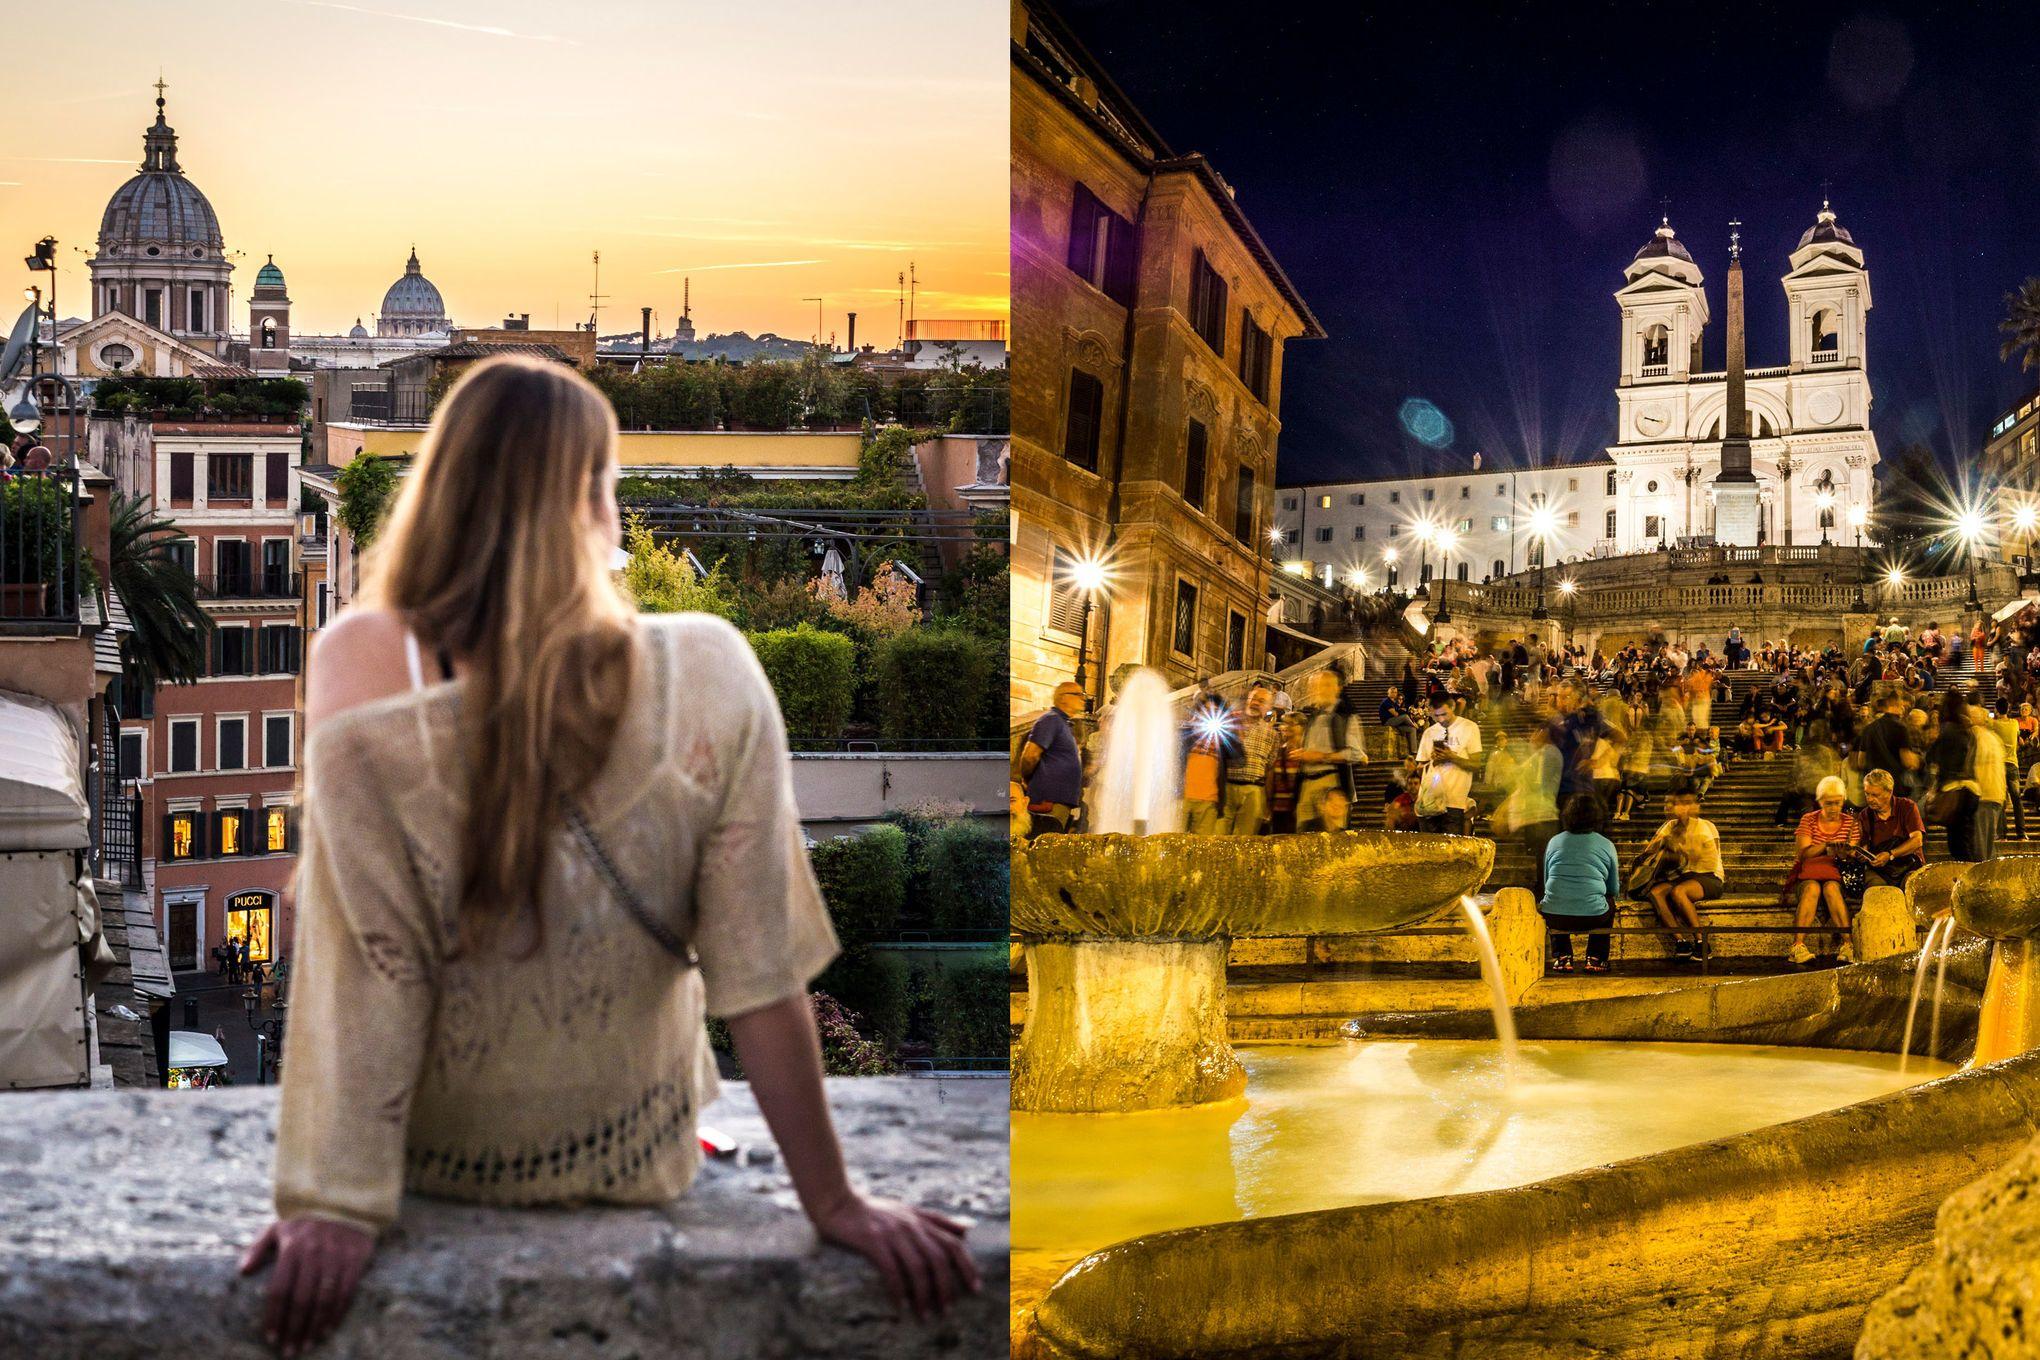 Romantischer Hotspot: die Piazza di Spagna. Auf einer kleinen Mauer lassen sich herrliche Sonnenuntergänge genießen (links), während die Spanische Treppe (rechts) bei Honeymoonern beliebt ist